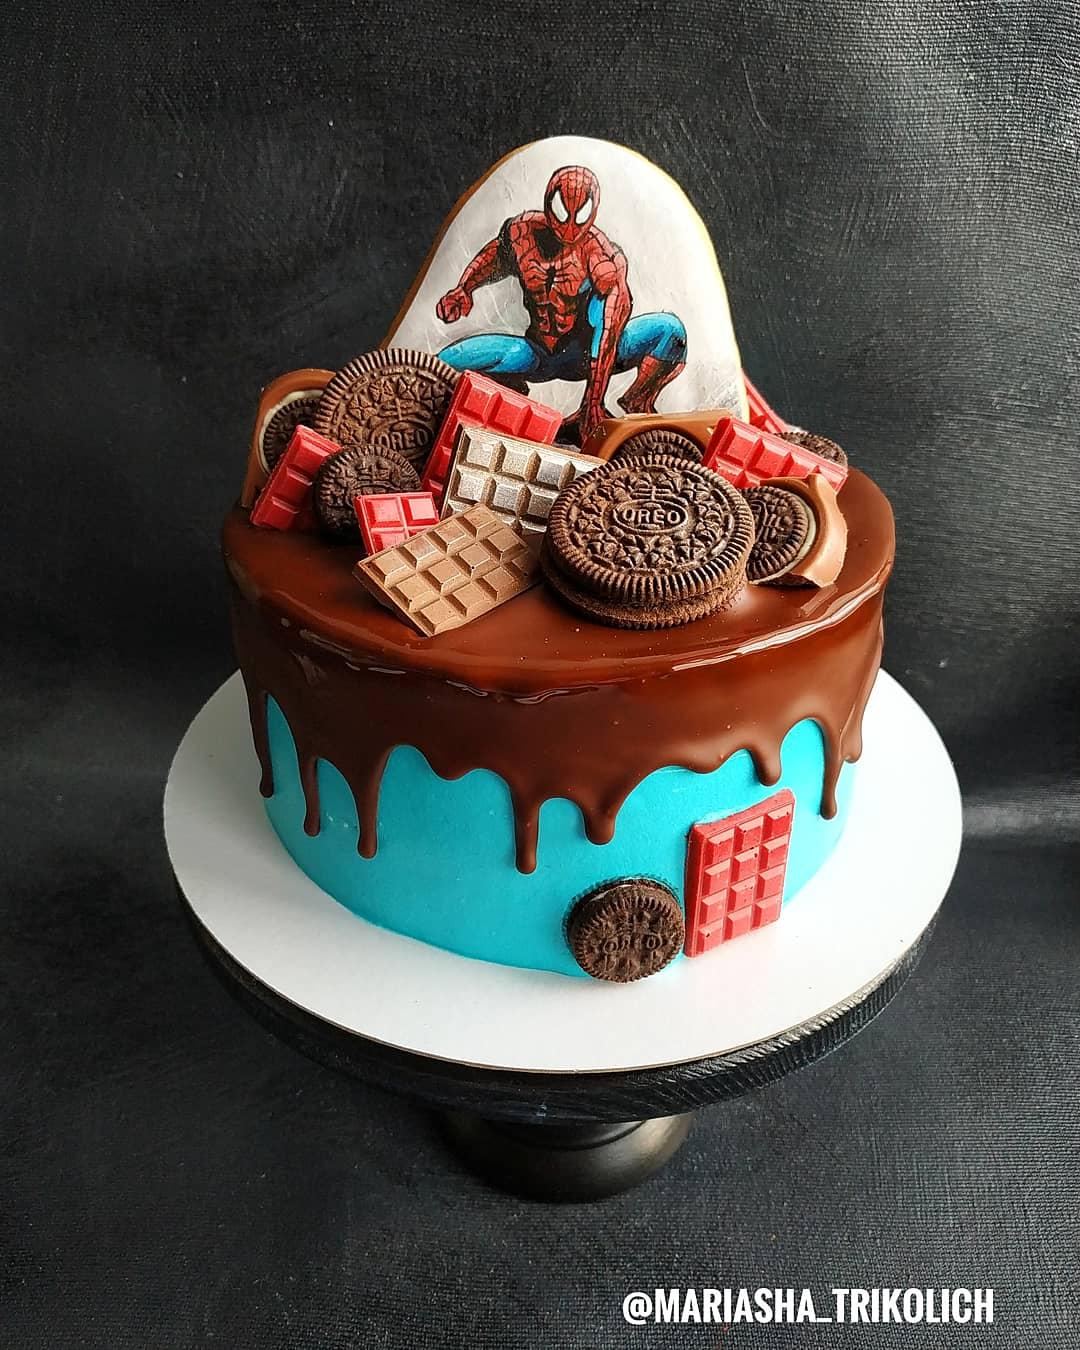 Марианне часто заказывают торты на детские праздники